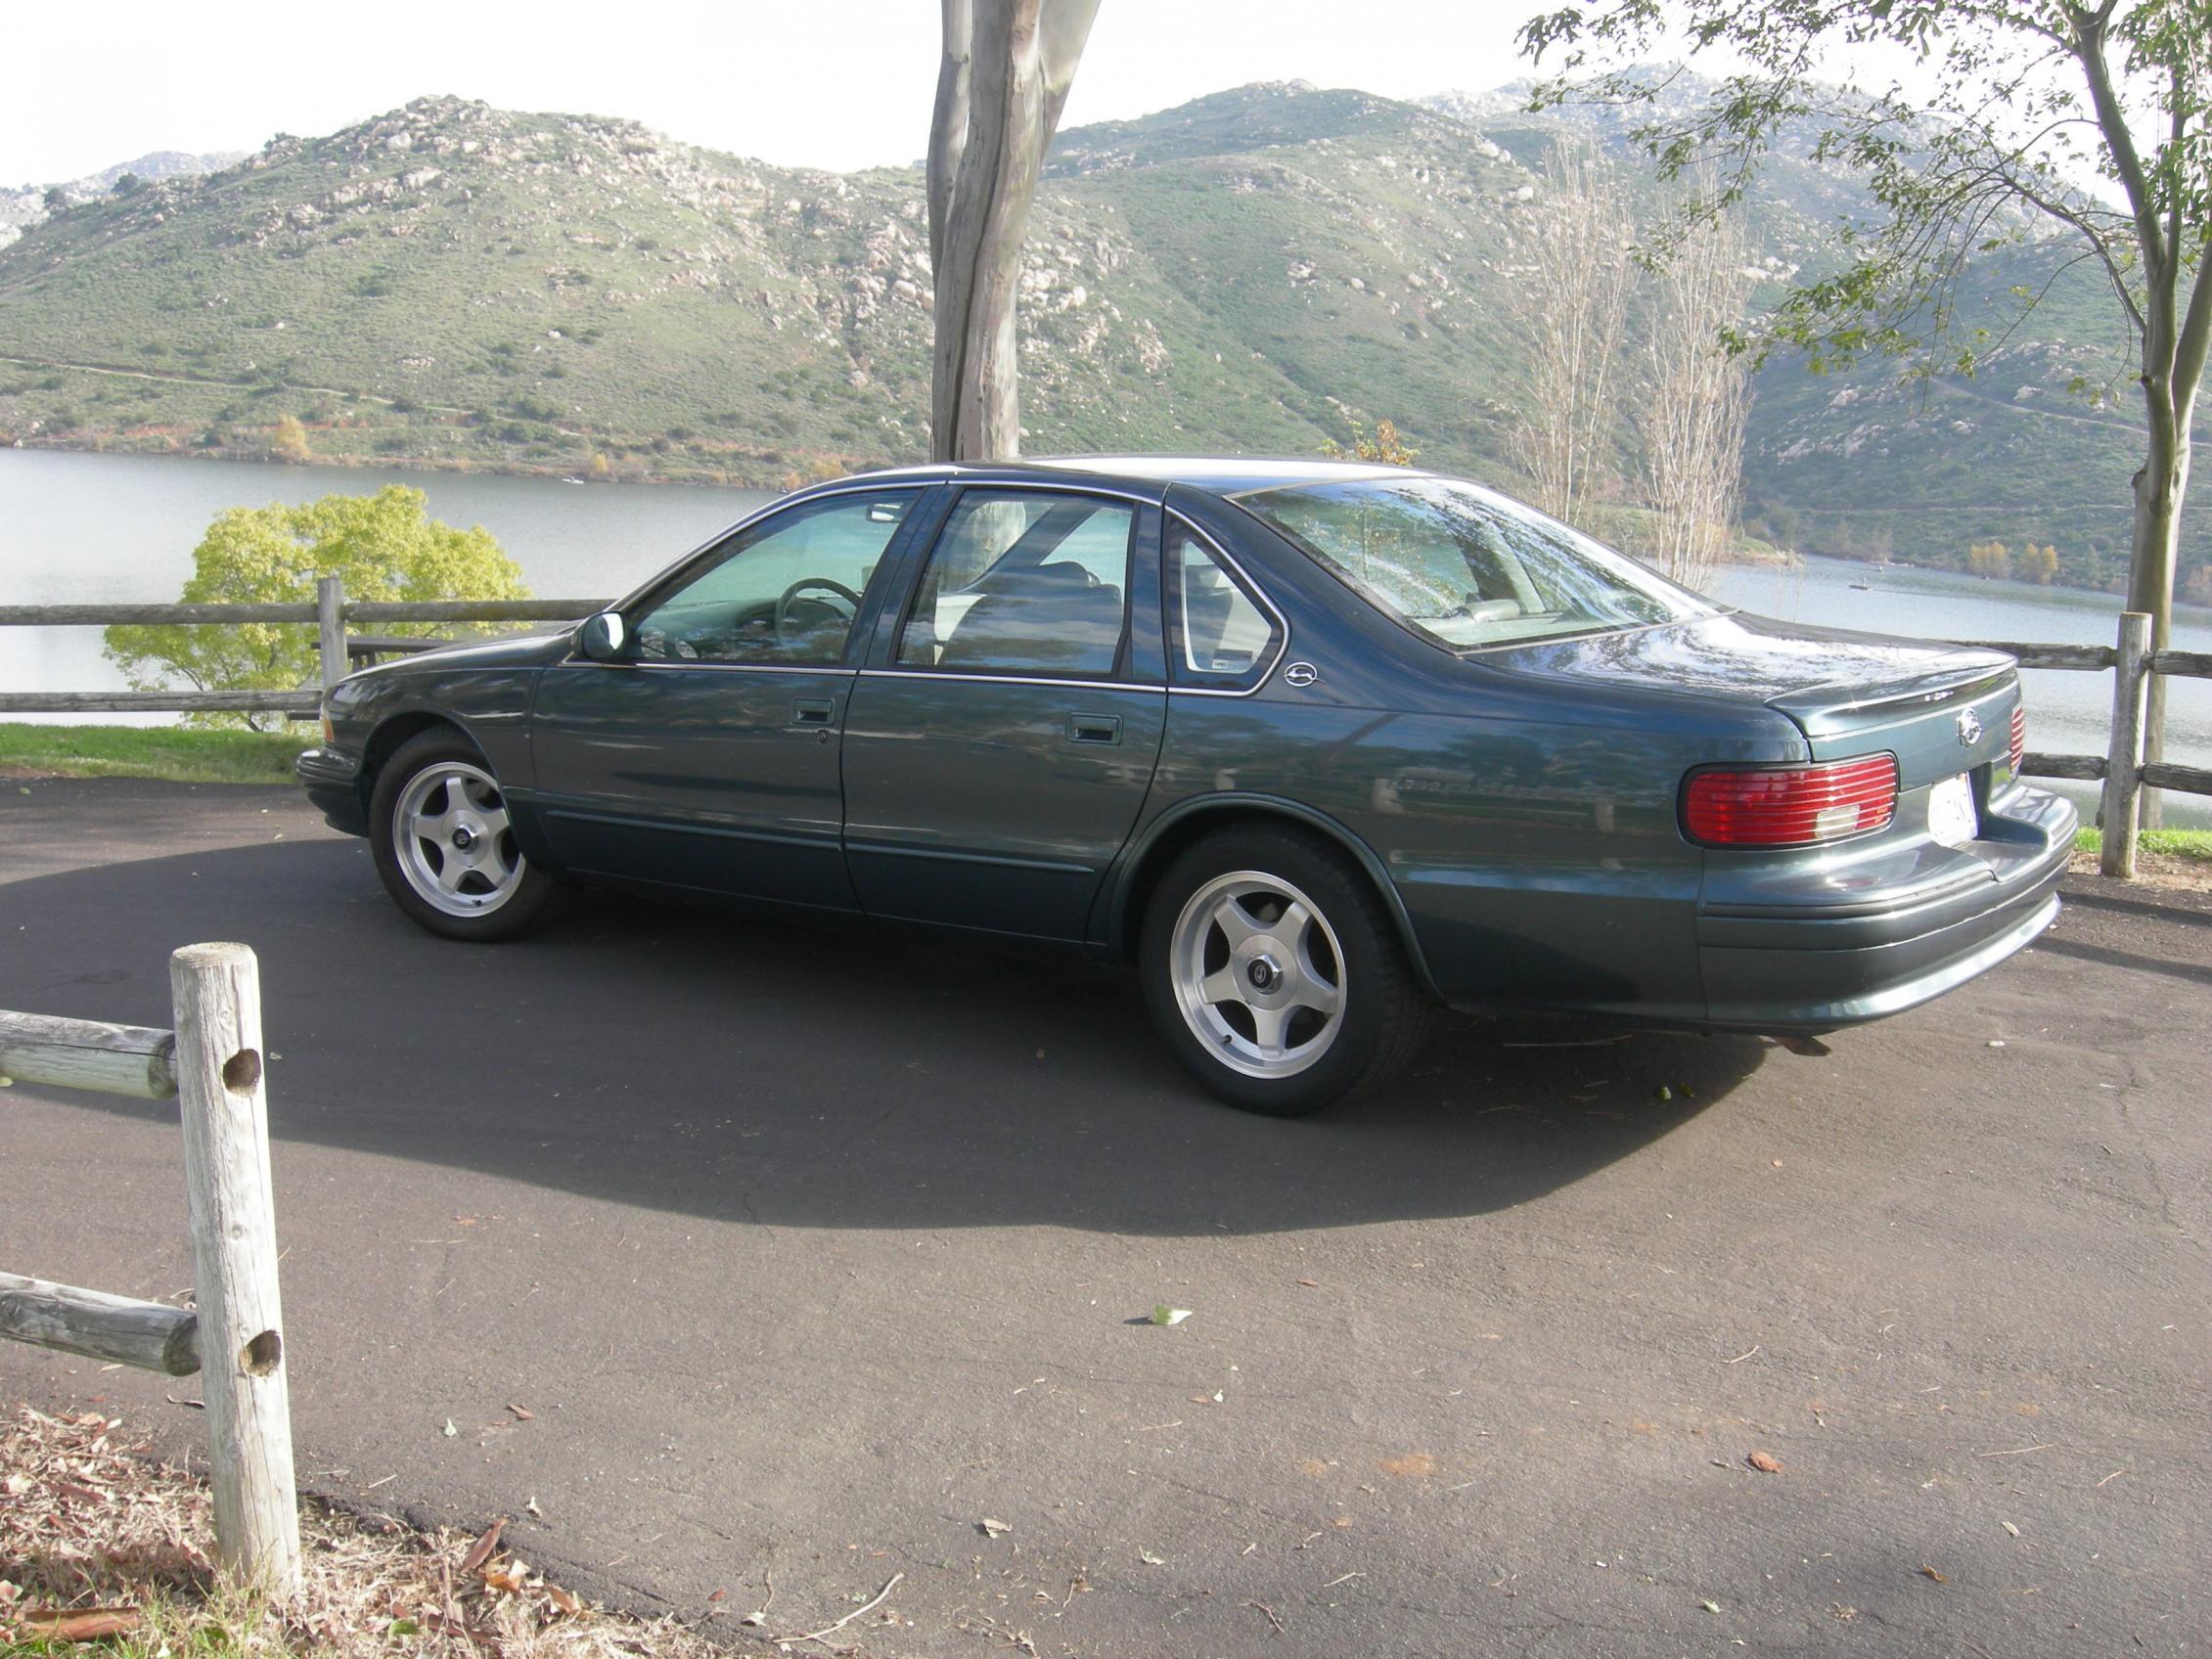 Low Mileage 1996 Impala SS for sale in San Diego-dscn1803.jpg